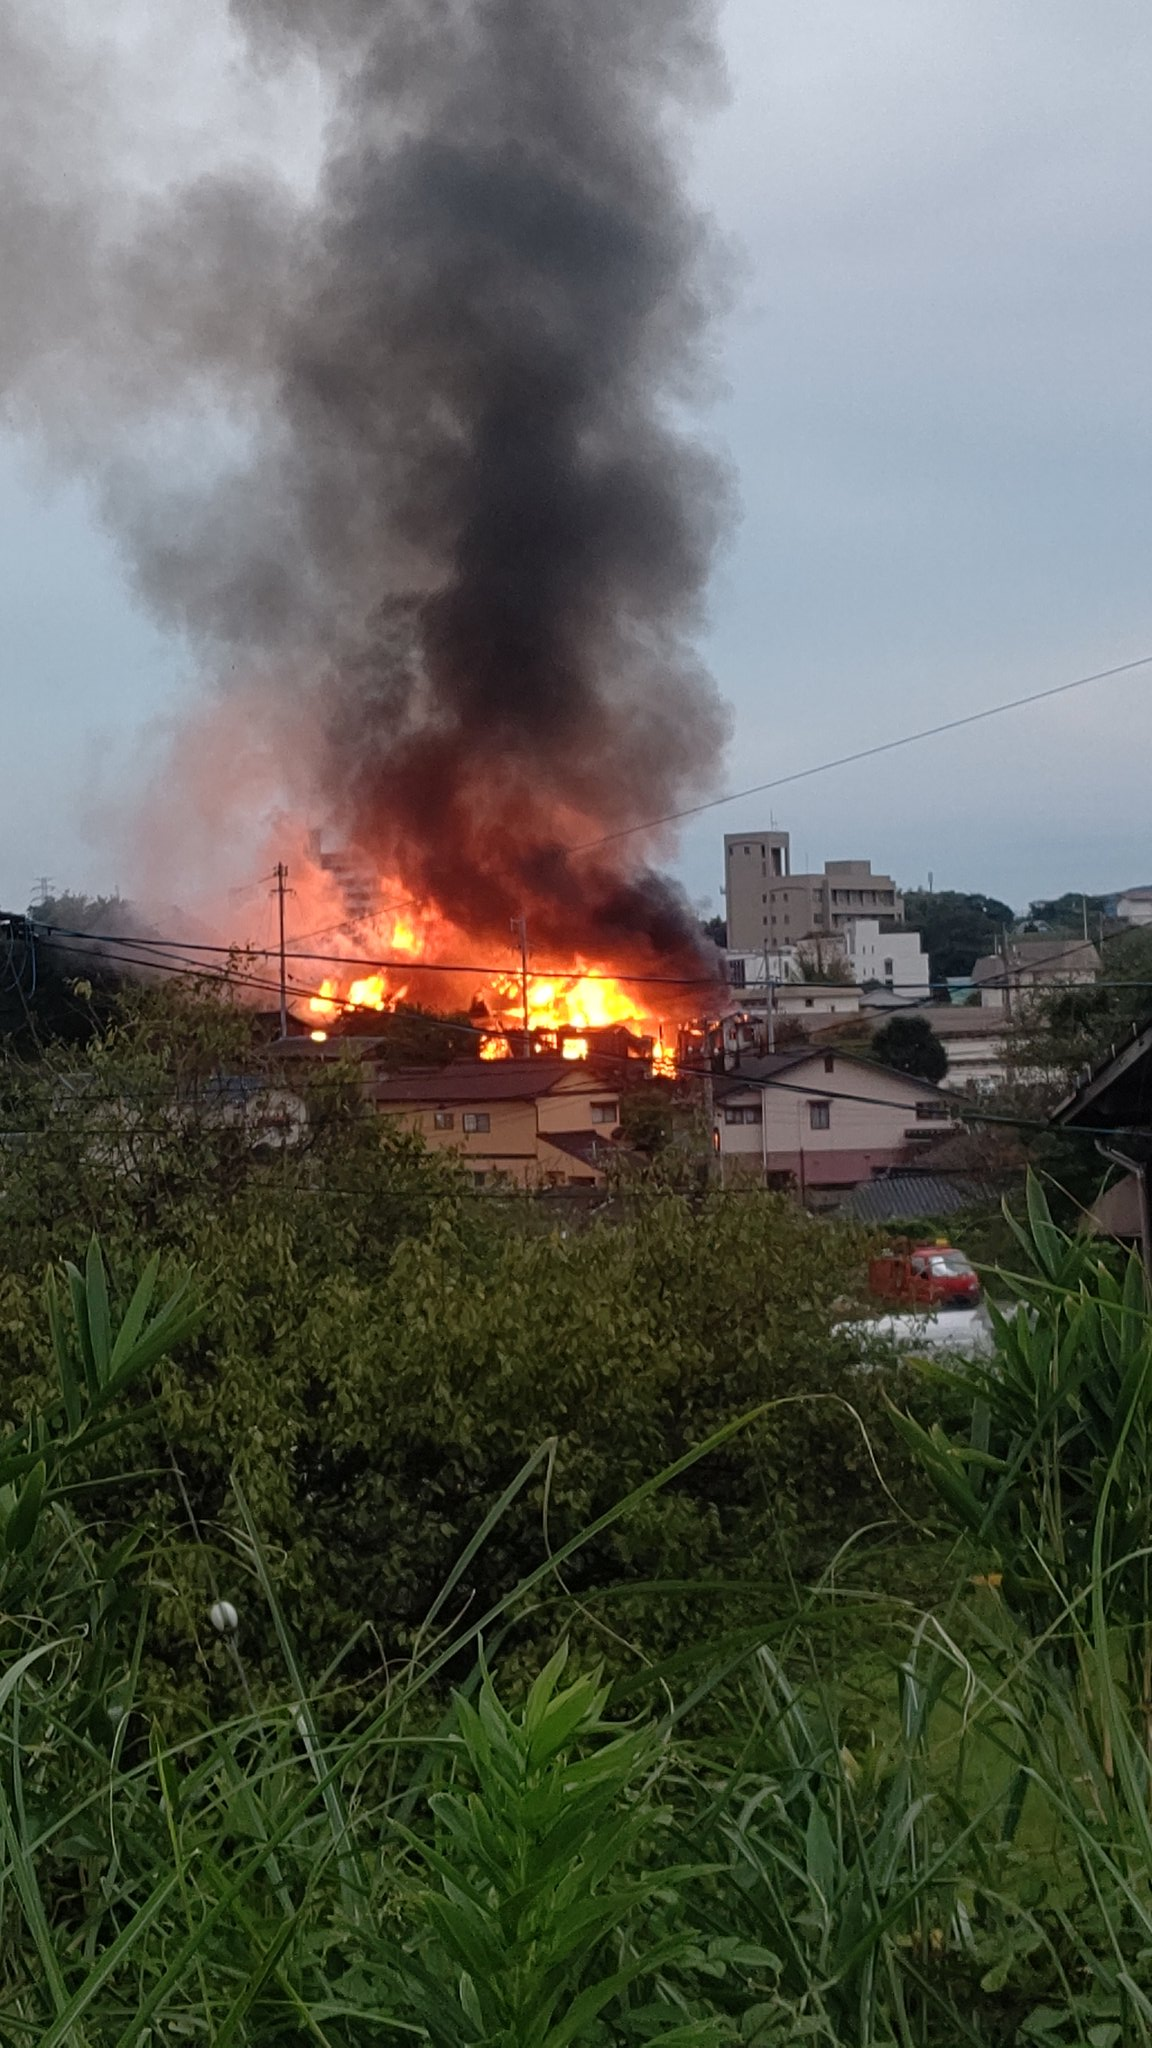 画像,家の近所が火事になってる… https://t.co/sMEjSRdXy2。